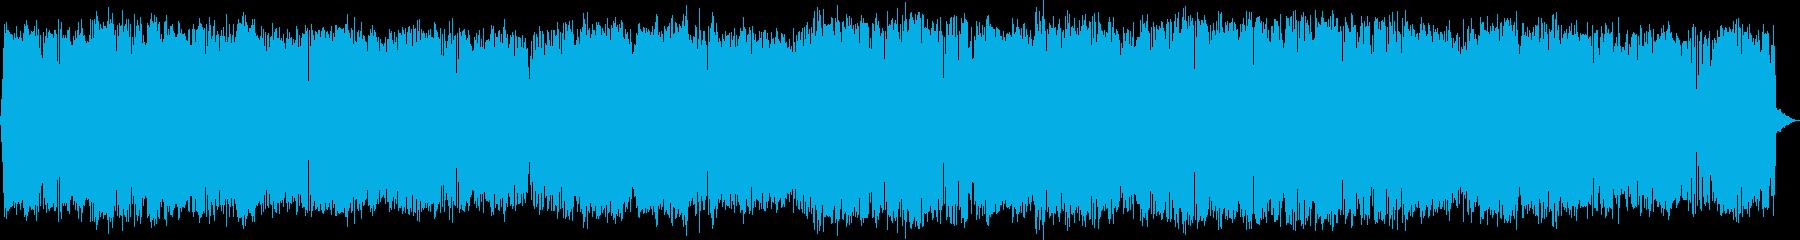 スペーススキャナーパネルの一定した...の再生済みの波形